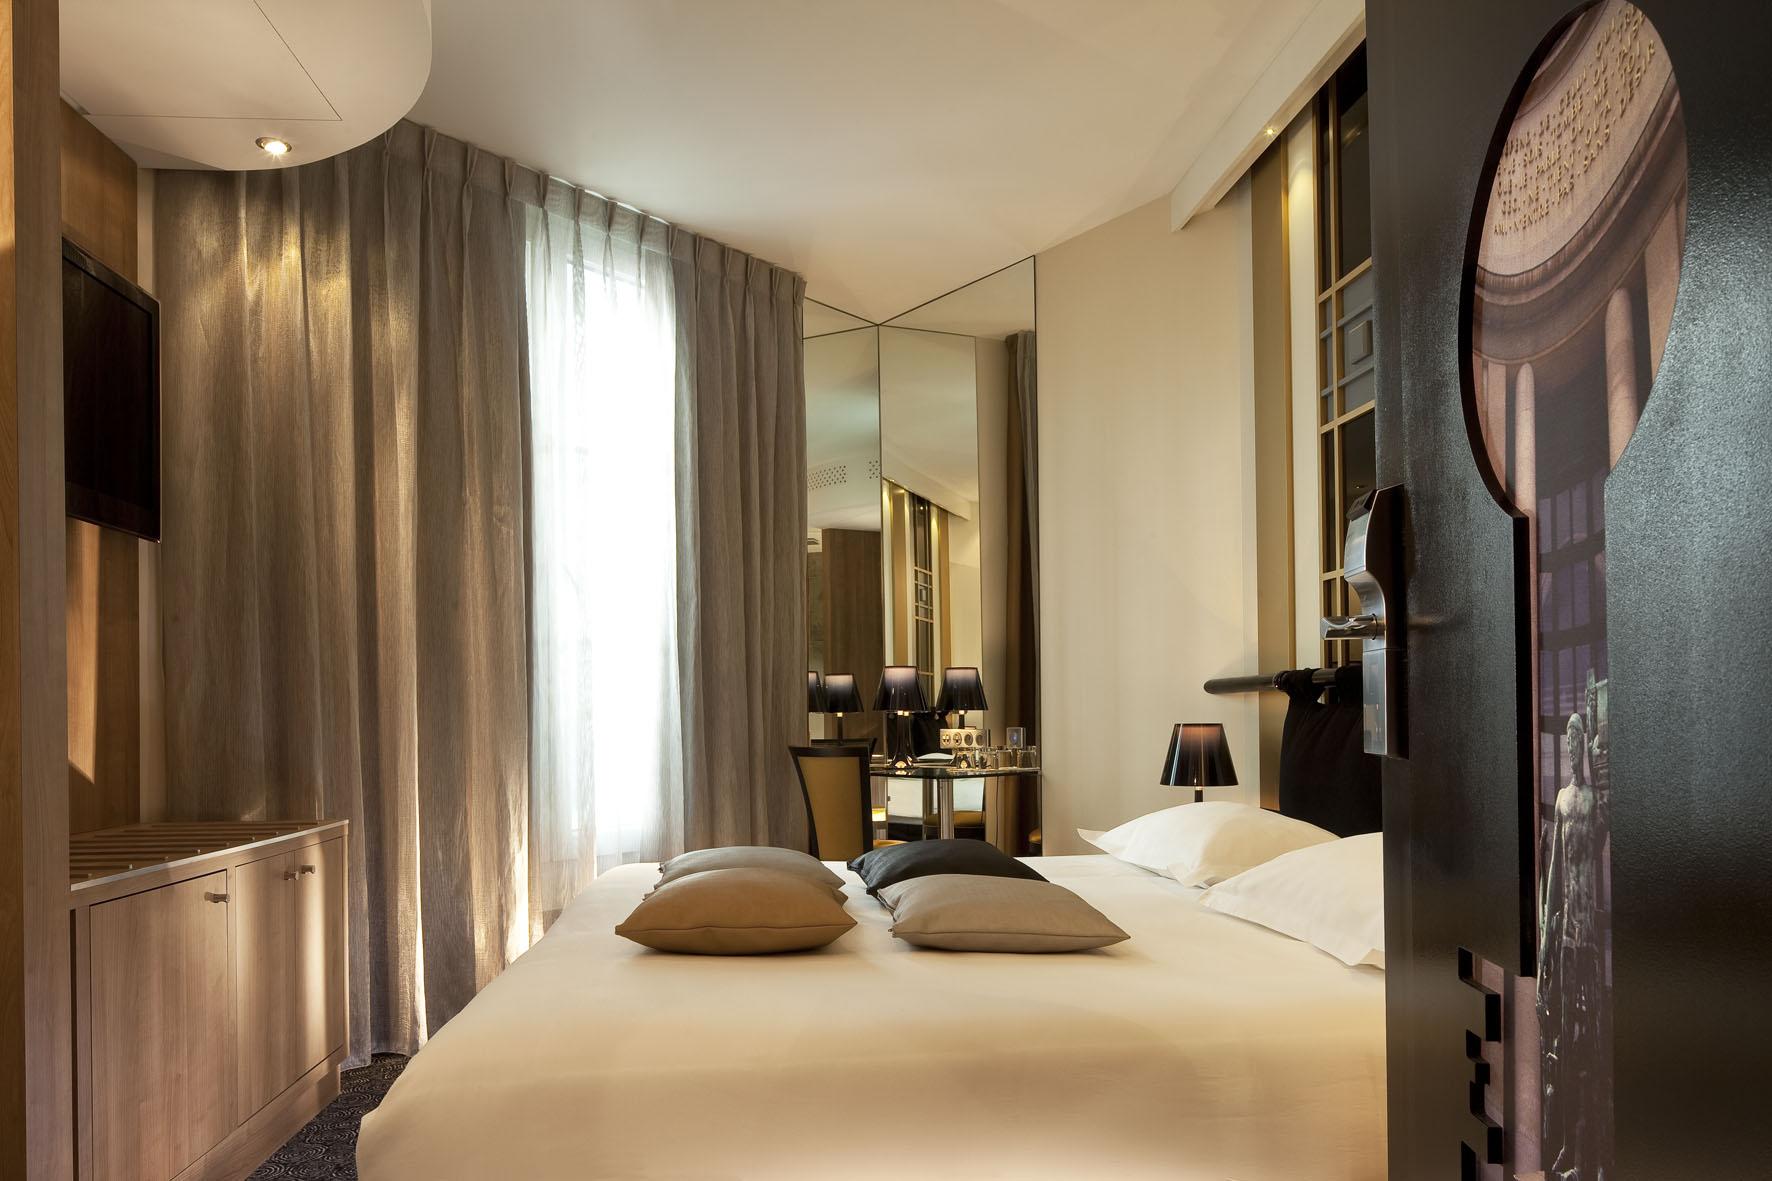 Hotel design secret de paris most romantic hotel in for Hotel design paris 8